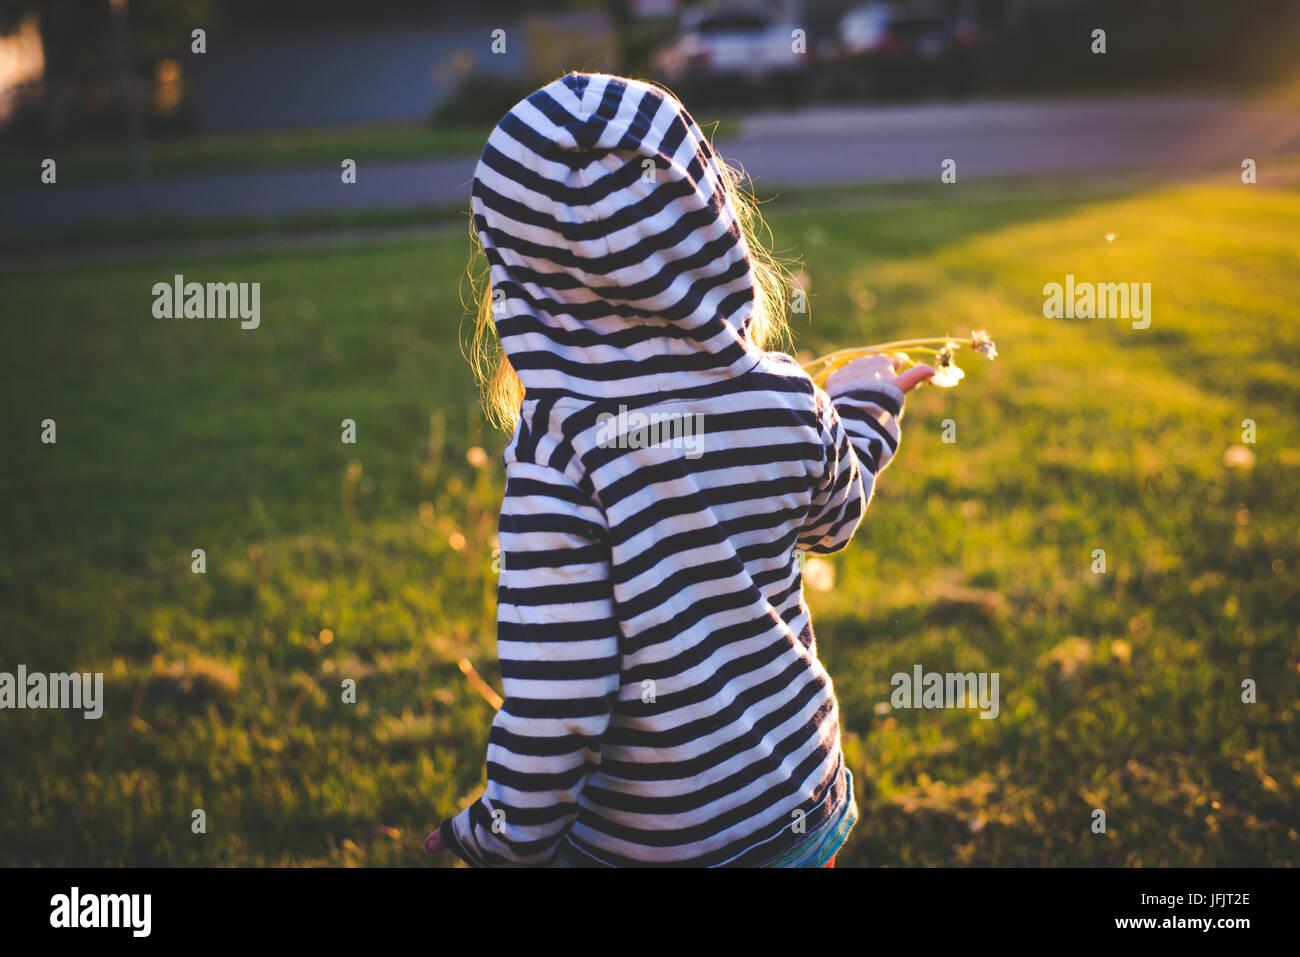 Um escorregador detém uma dandelion na luz solar com a criança em pé de costas para a câmera. Imagens de Stock